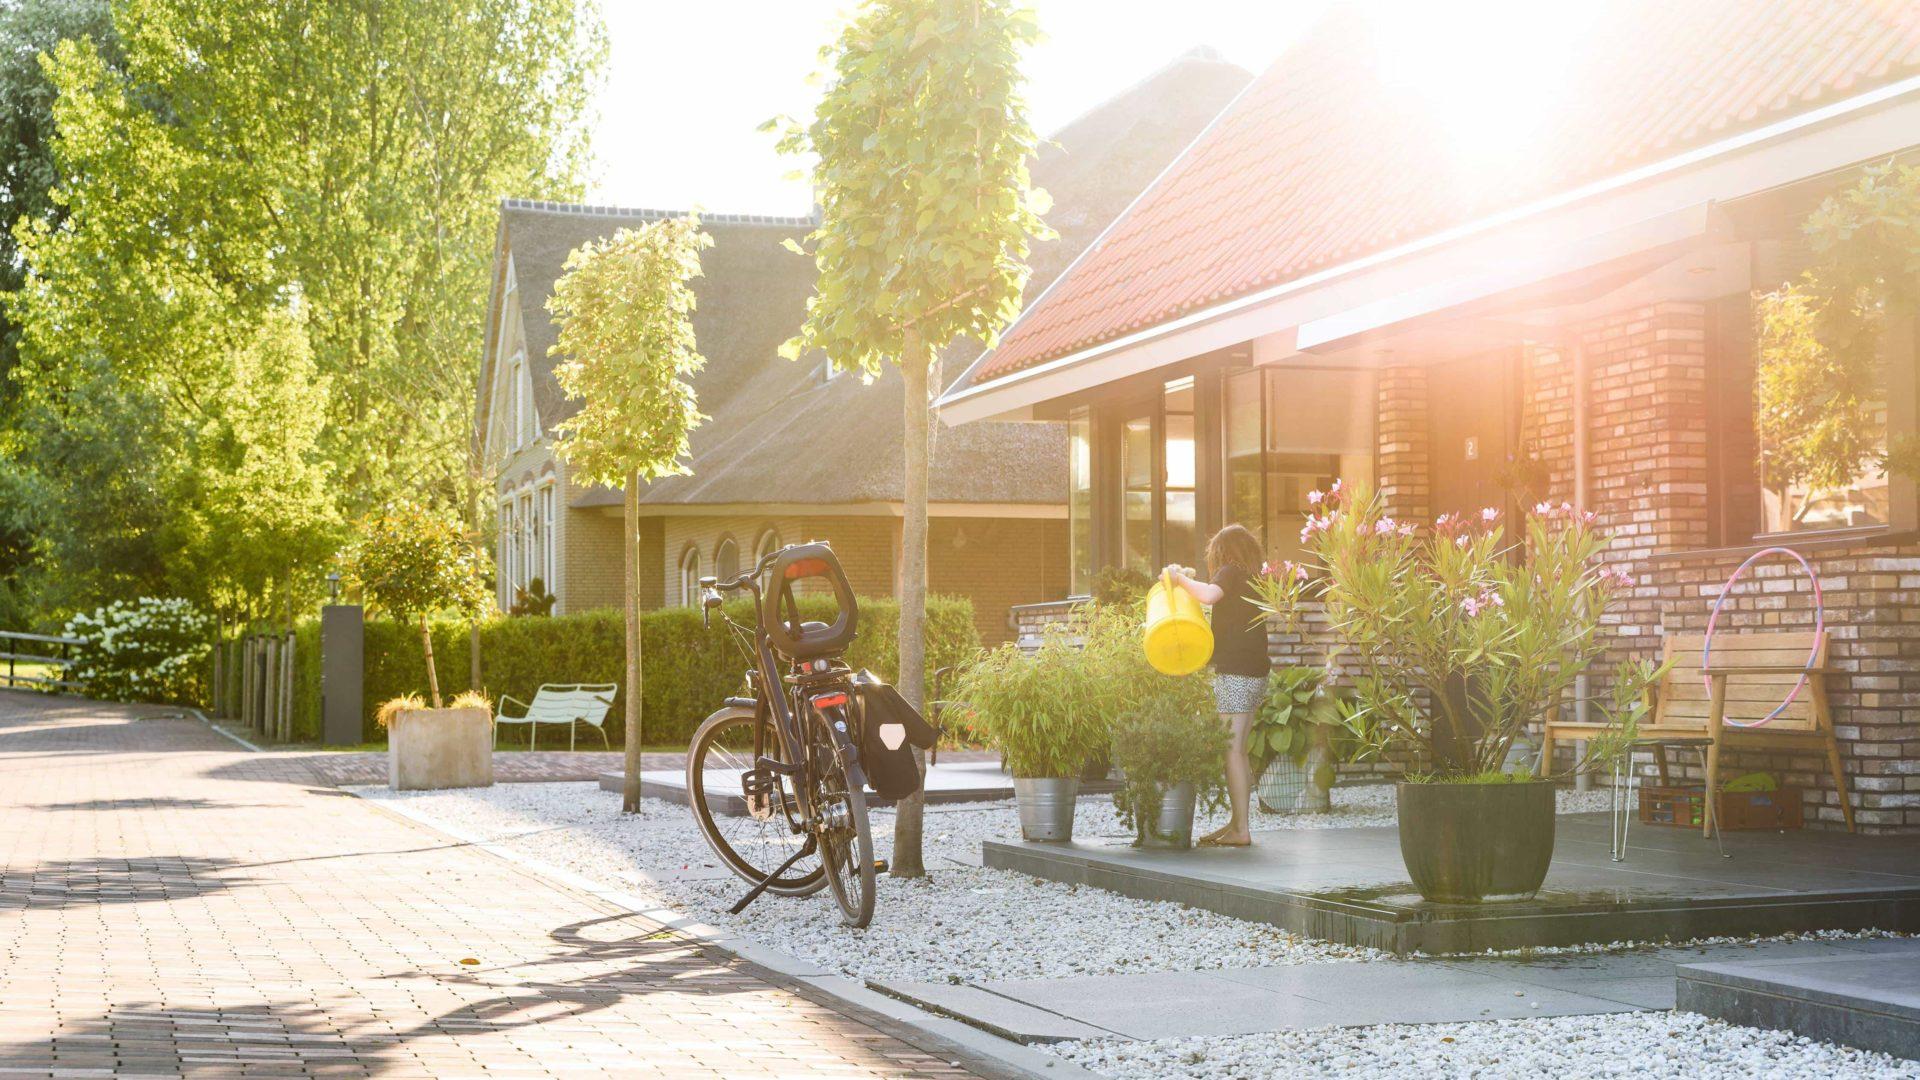 Gerealisserd-Wilgenrijk-met-studio-1